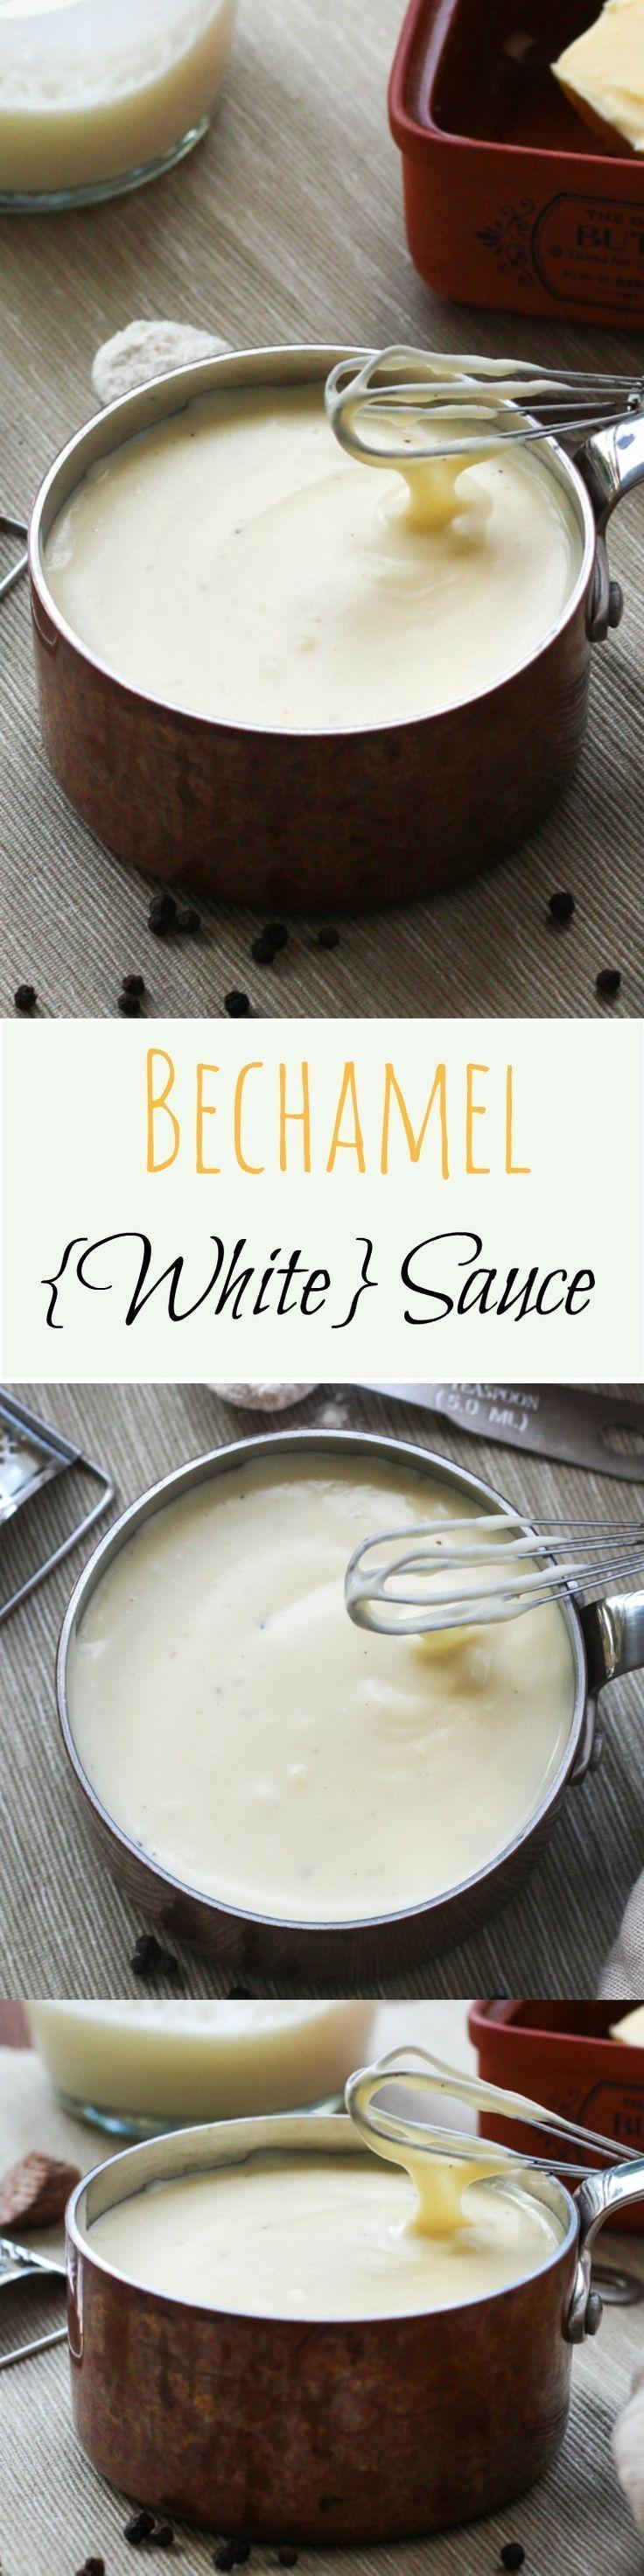 kitchen basics a simple bechamel sauce white sauce recipe bechamel sauce white sauce on hebbar s kitchen white sauce pasta id=28538